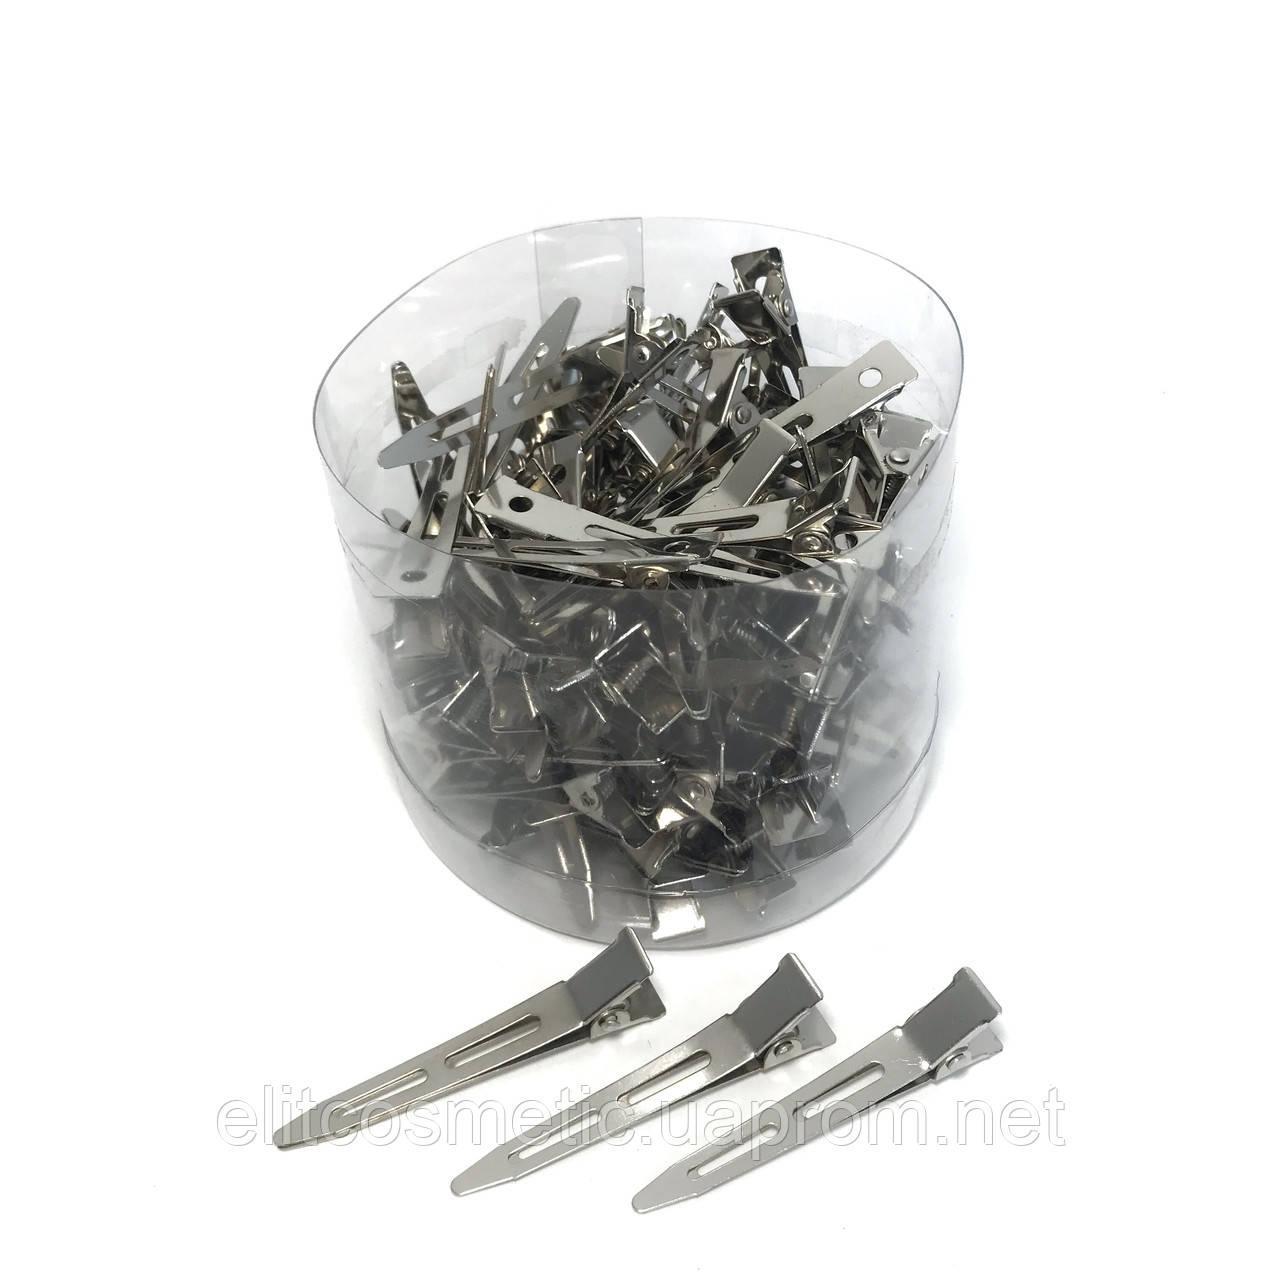 Зажим для волос DenIS professional - металл 5.5 см. 100шт.